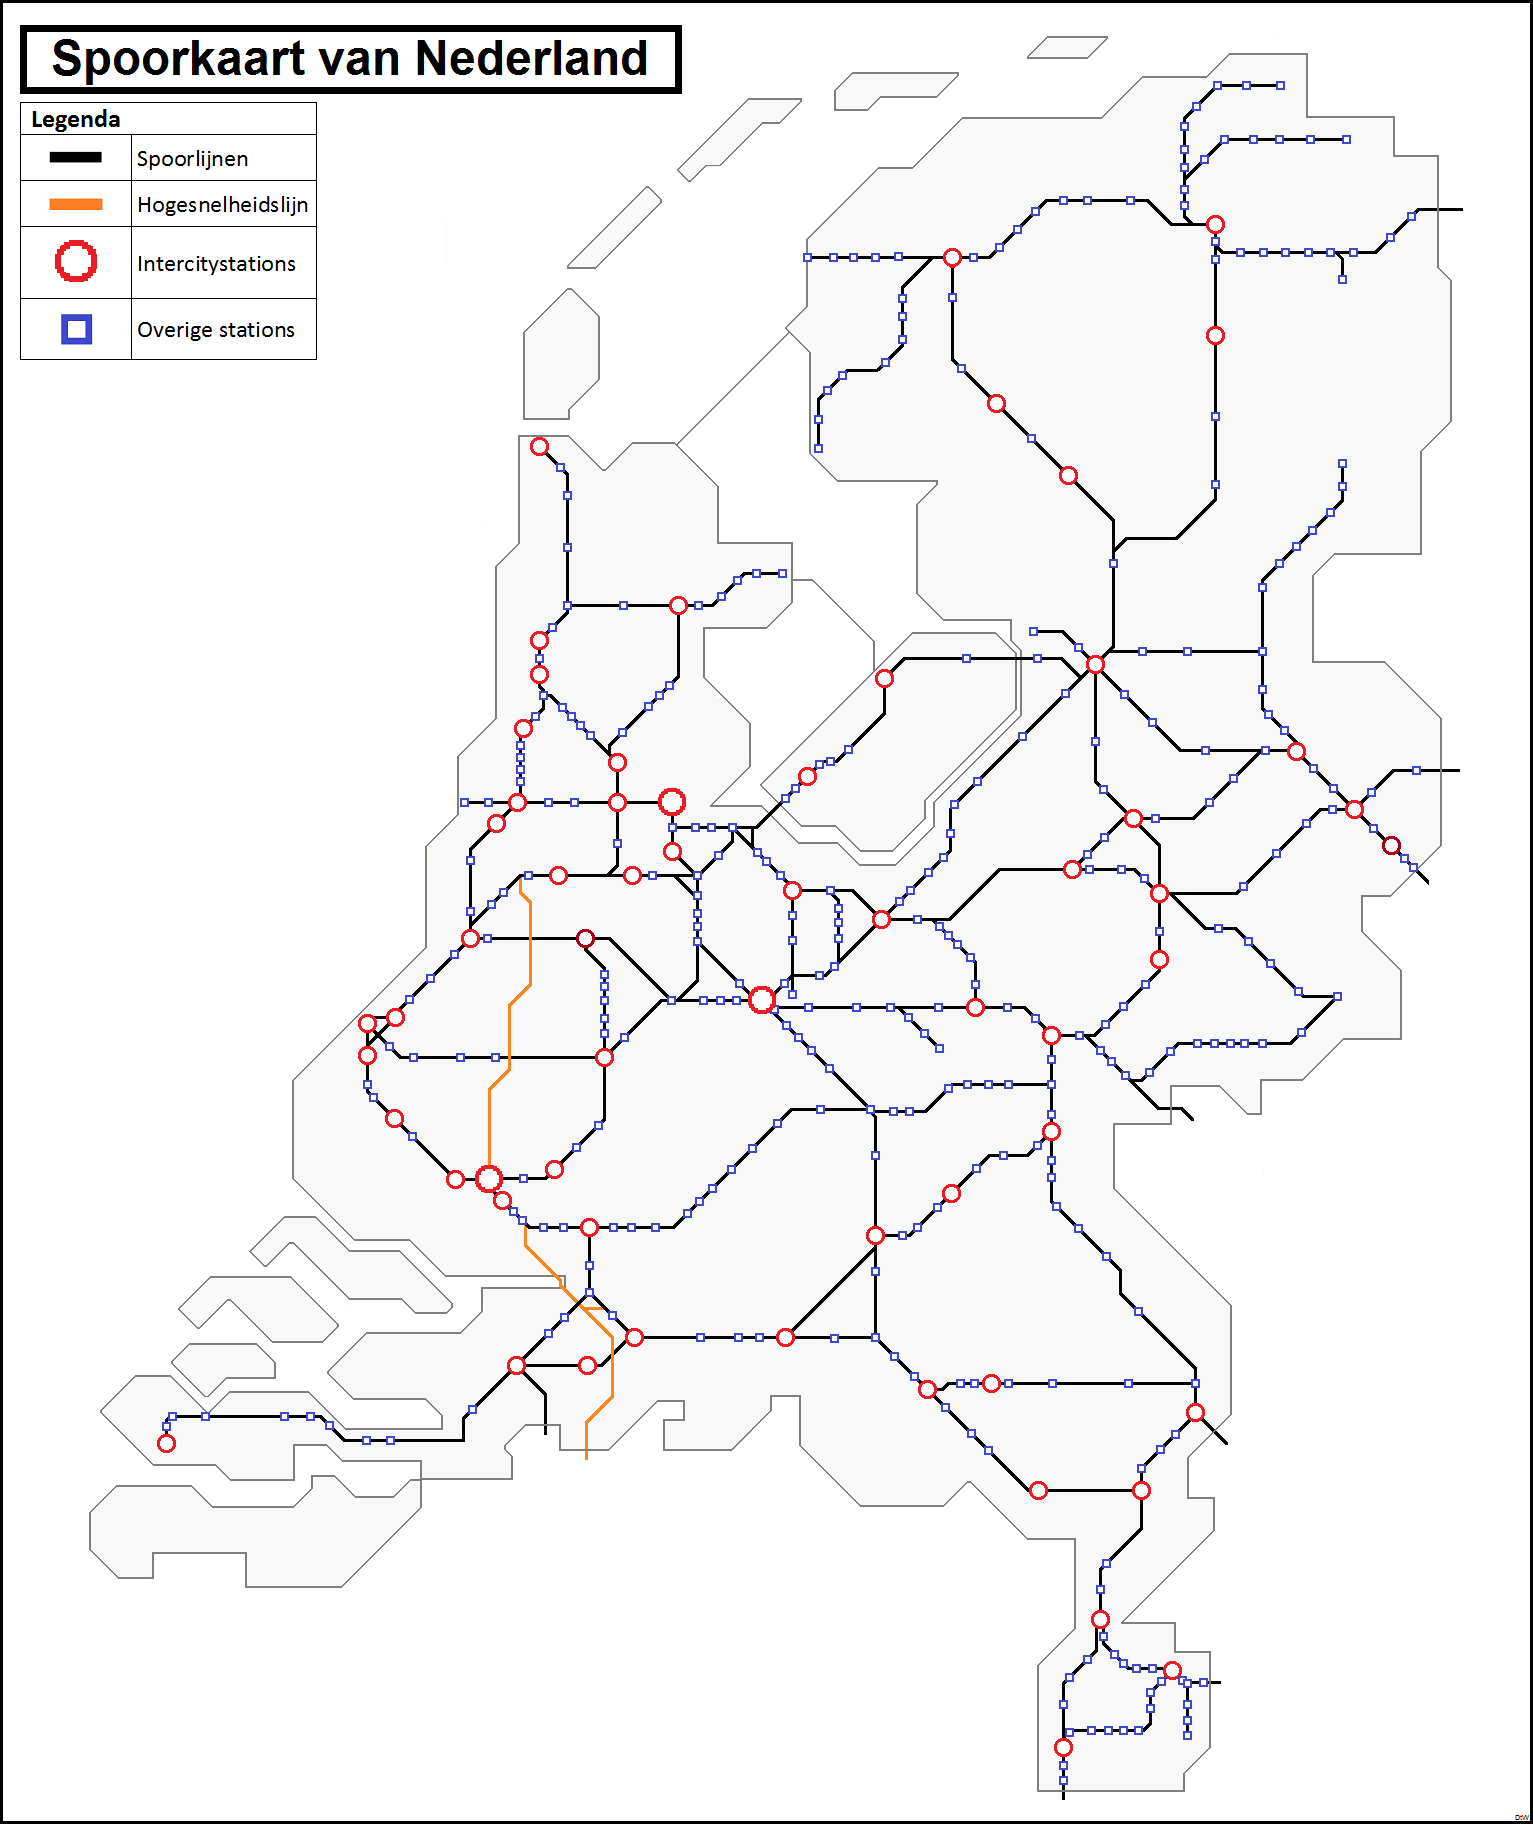 File:Spoorkaart Nederland, IC stations.png.